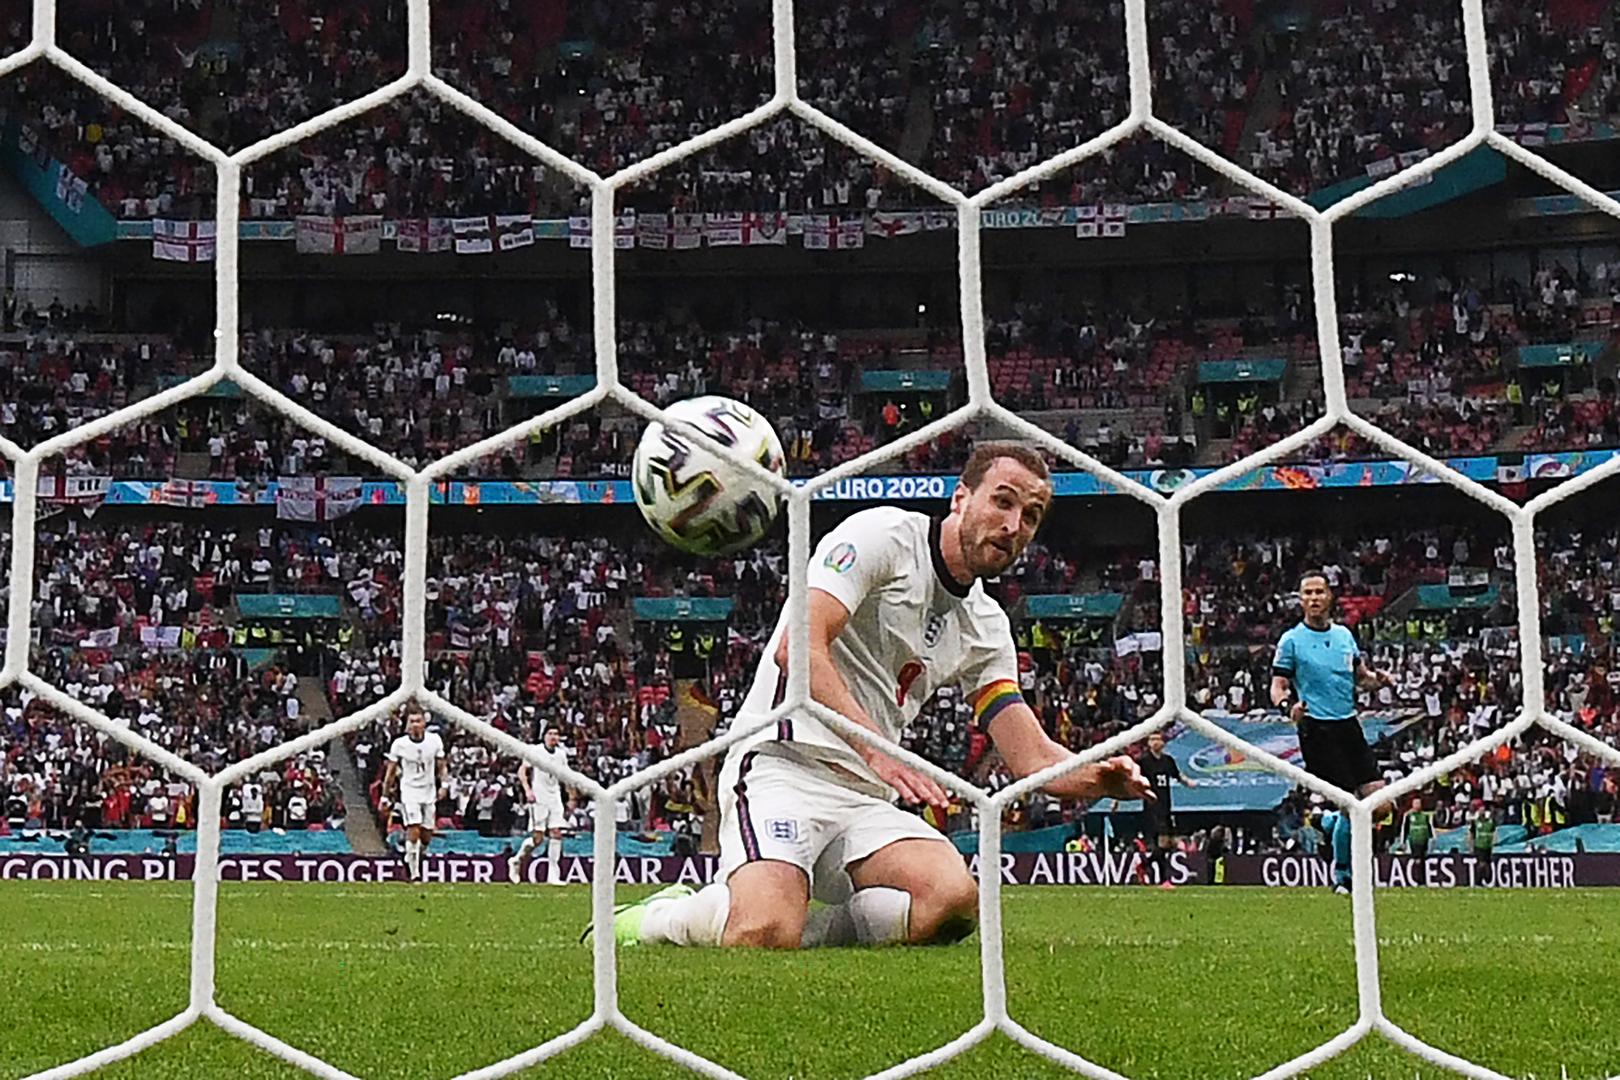 كأس أوروبا.. إنجلترا في مواجهة أوكرانيا نحو إنجاز تاريخي الليلة